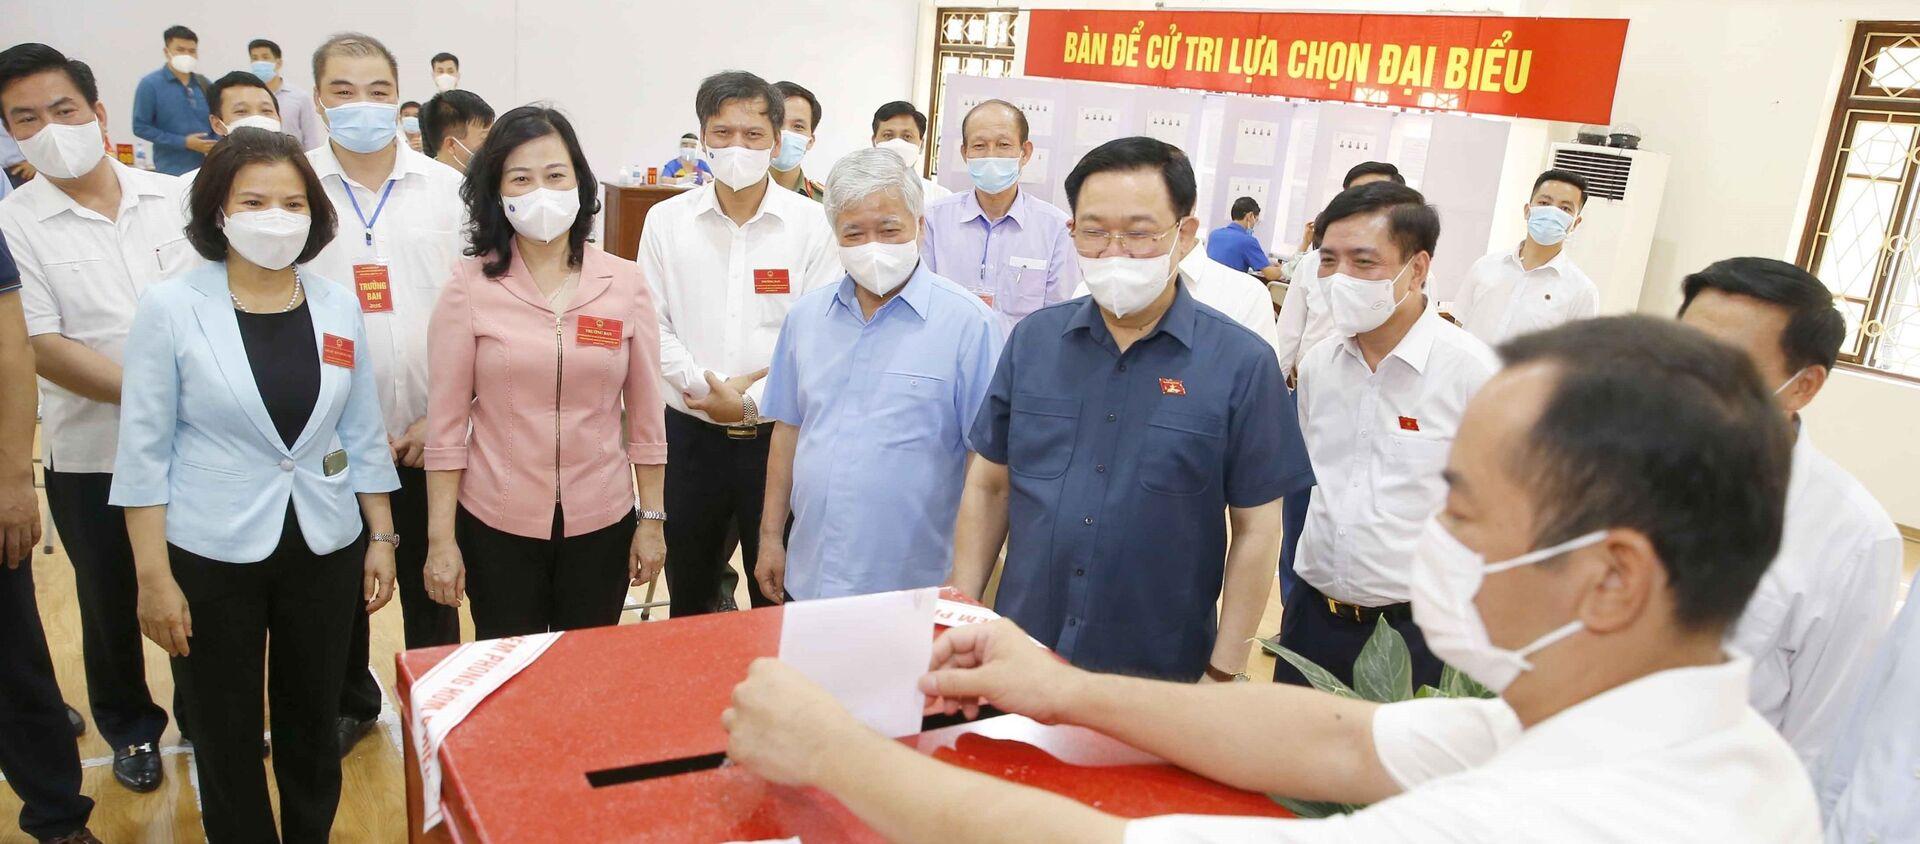 Chủ tịch Quốc hội Vương Đình Huệ kiểm tra công tác bầu cử tại tỉnh Bắc Ninh - Sputnik Việt Nam, 1920, 25.05.2021